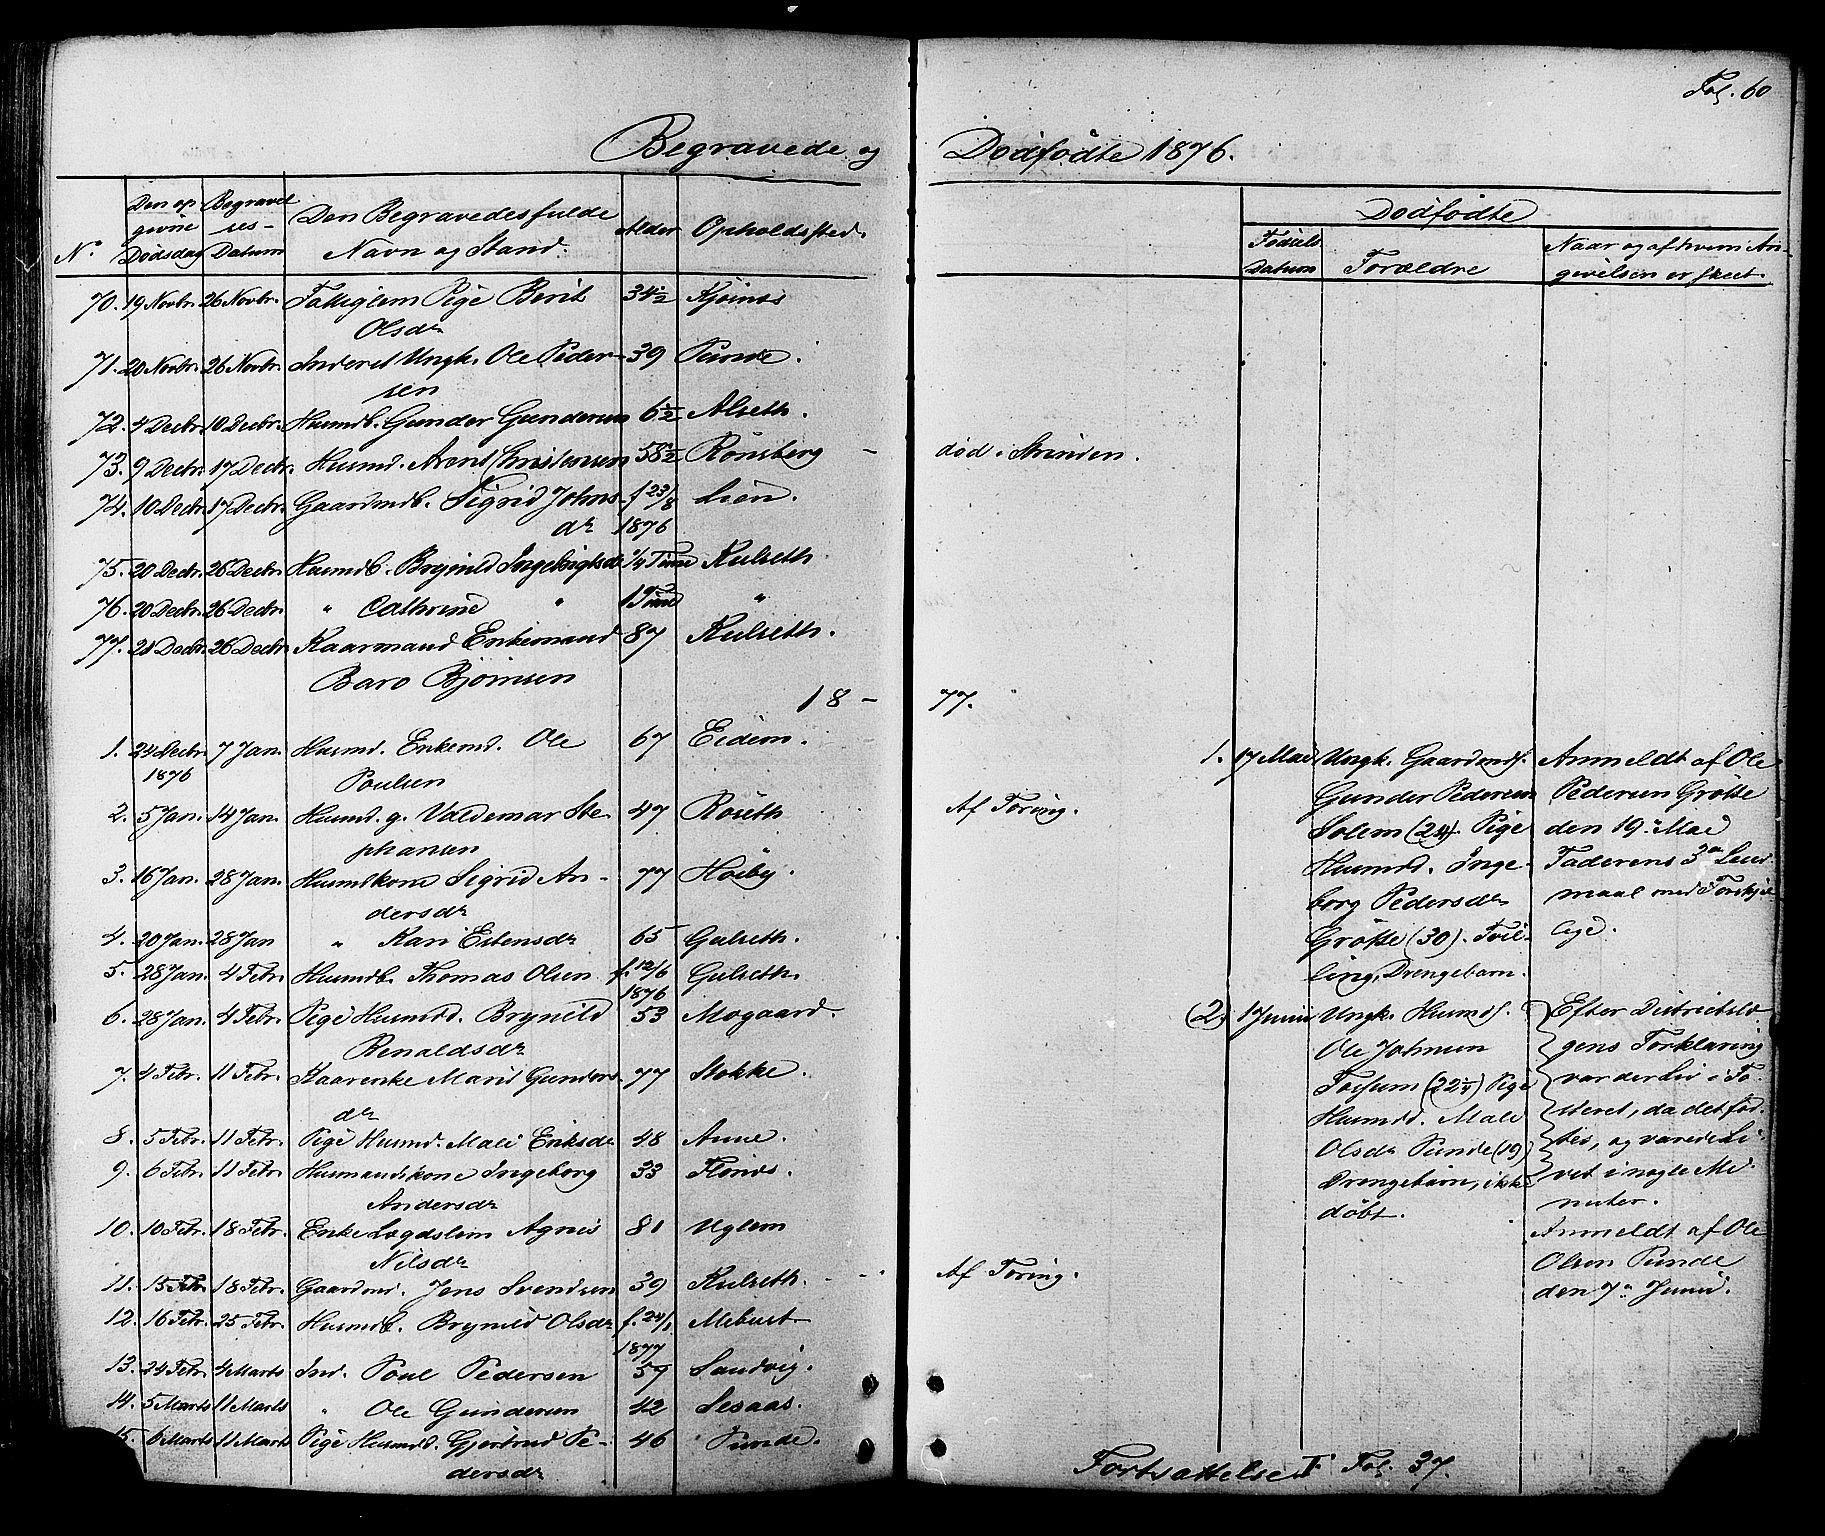 SAT, Ministerialprotokoller, klokkerbøker og fødselsregistre - Sør-Trøndelag, 695/L1147: Ministerialbok nr. 695A07, 1860-1877, s. 60